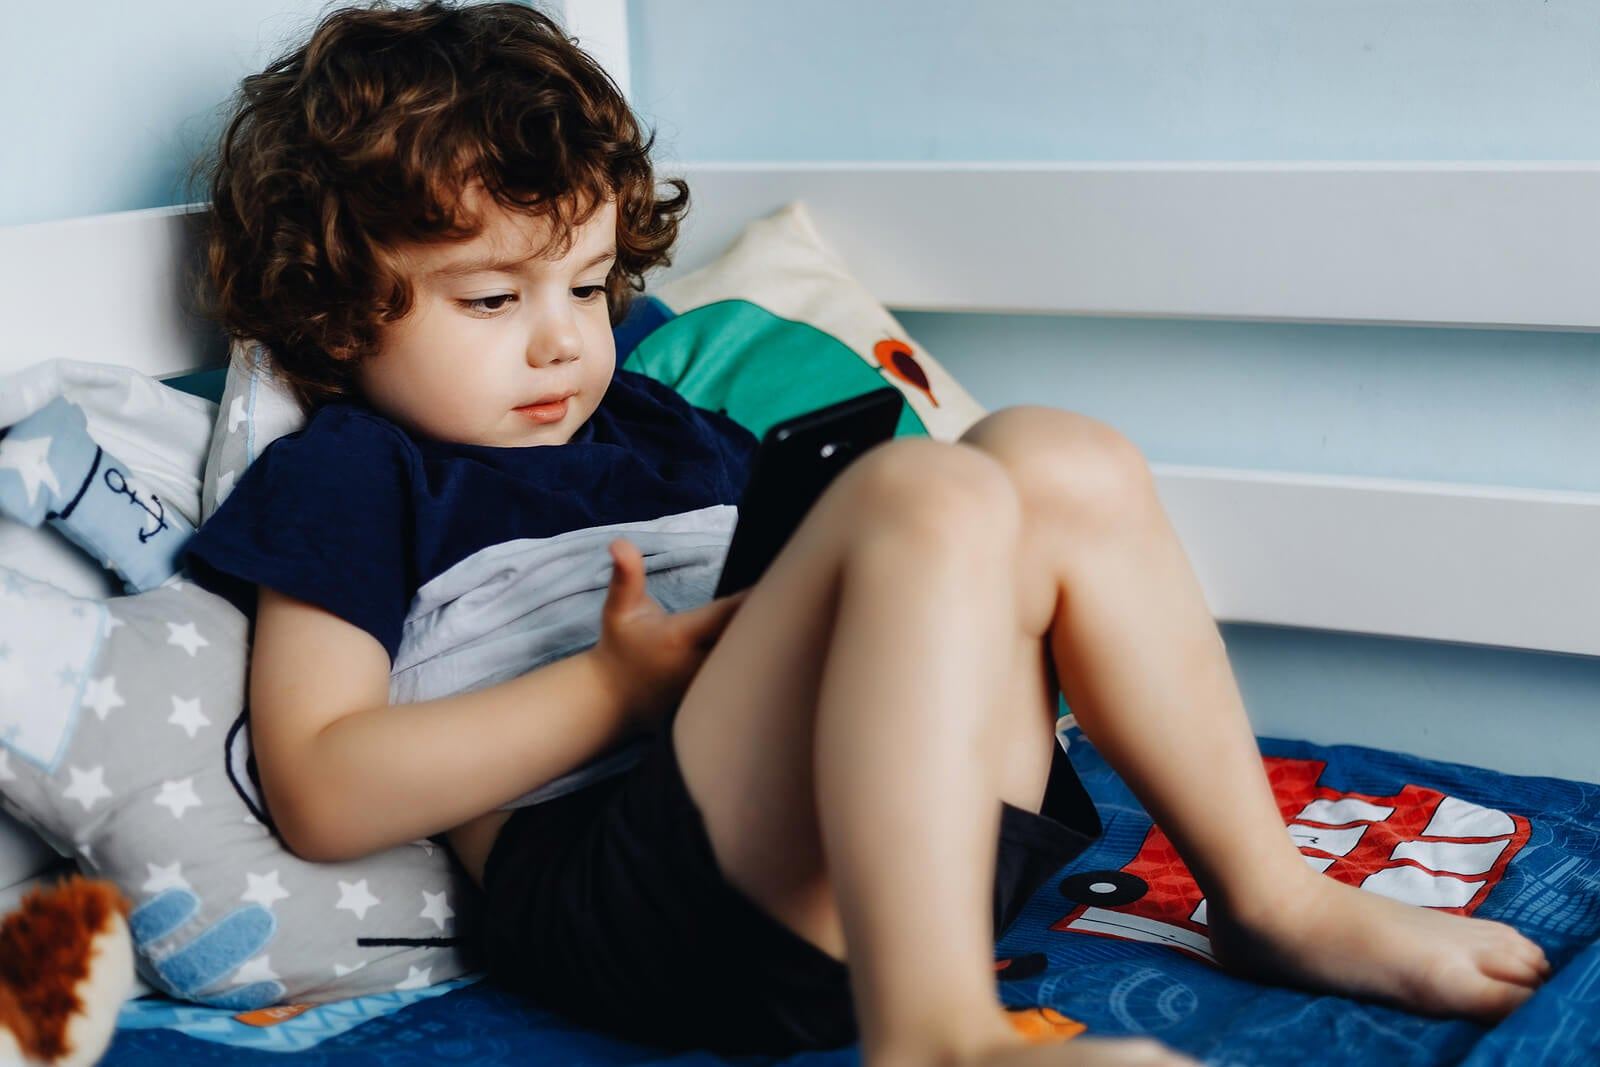 Niño jugando con el móvil porque no es capaz de llevar a cabo una desconexión digital.